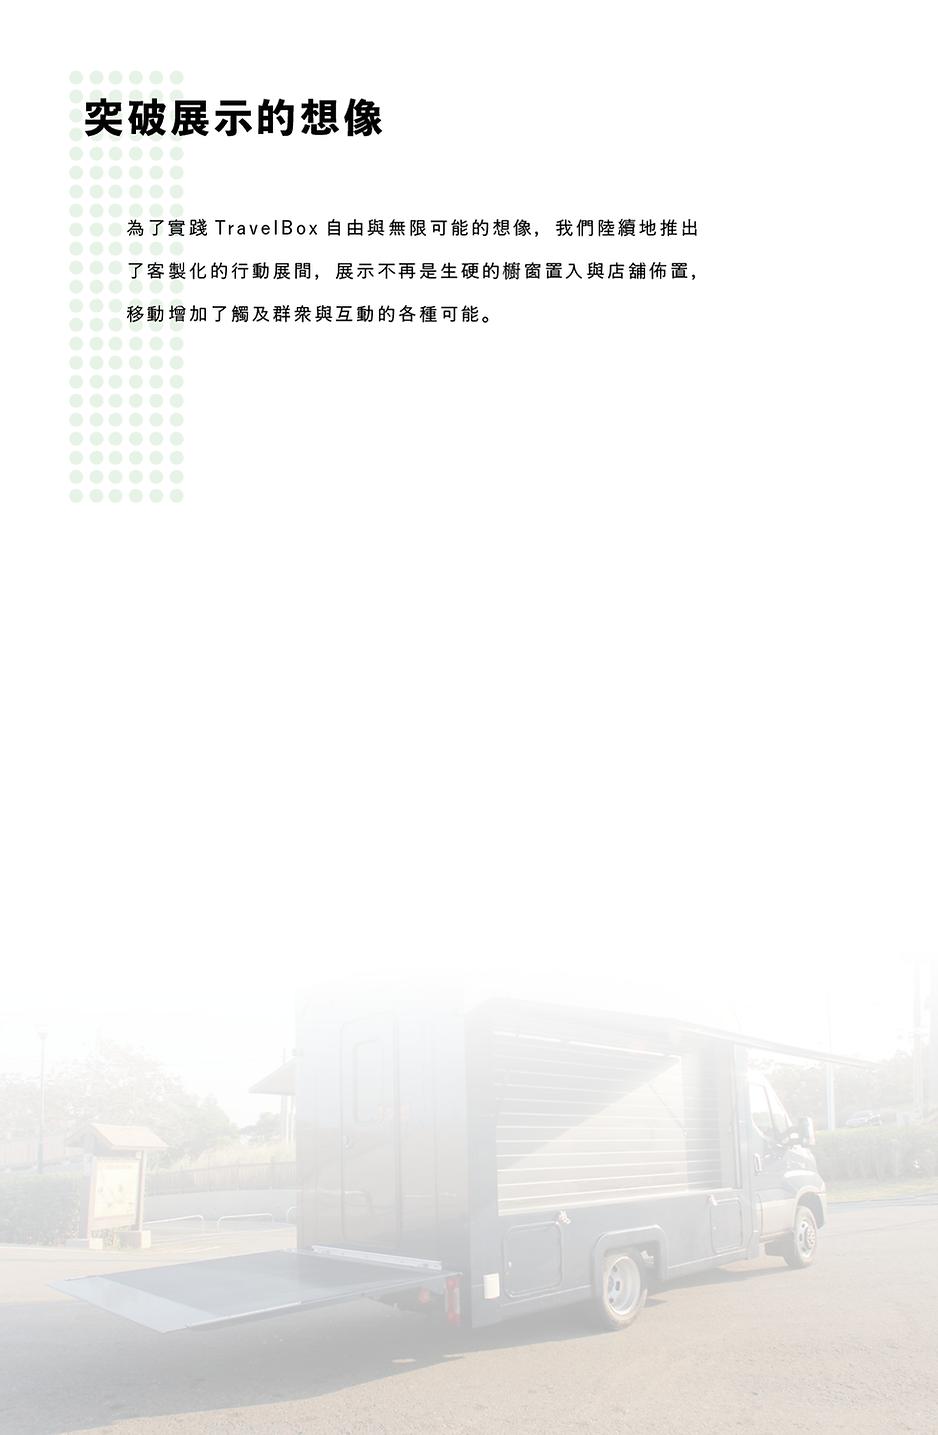 拖車頁面3.png